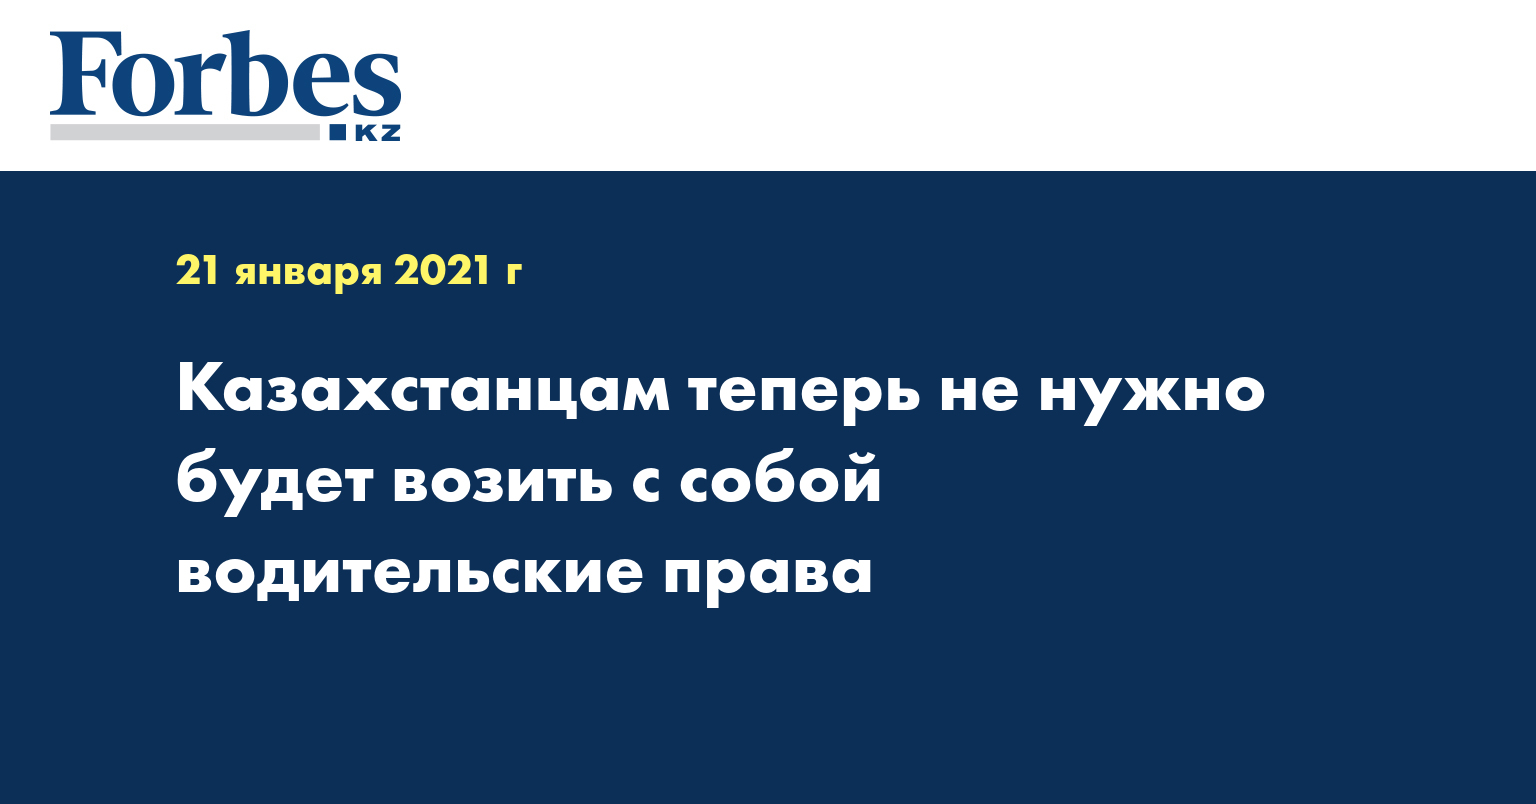 Казахстанцам теперь не нужно будет возить с собой водительские права